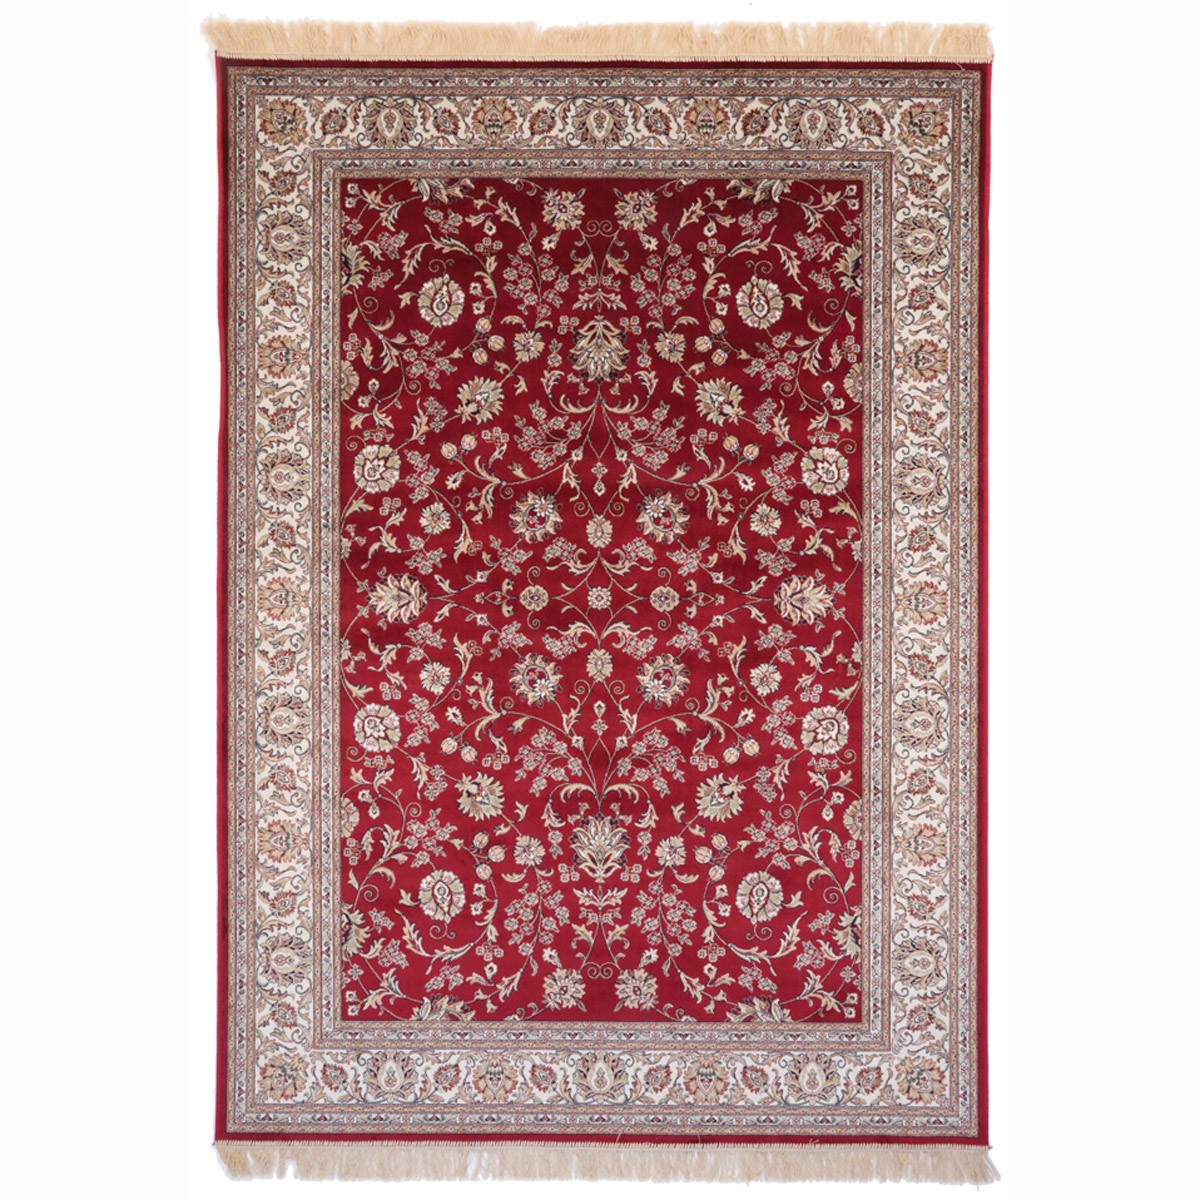 Χαλιά Κρεβατοκάμαρας (Σετ 3τμχ) Royal Carpets Rubine 469 Red